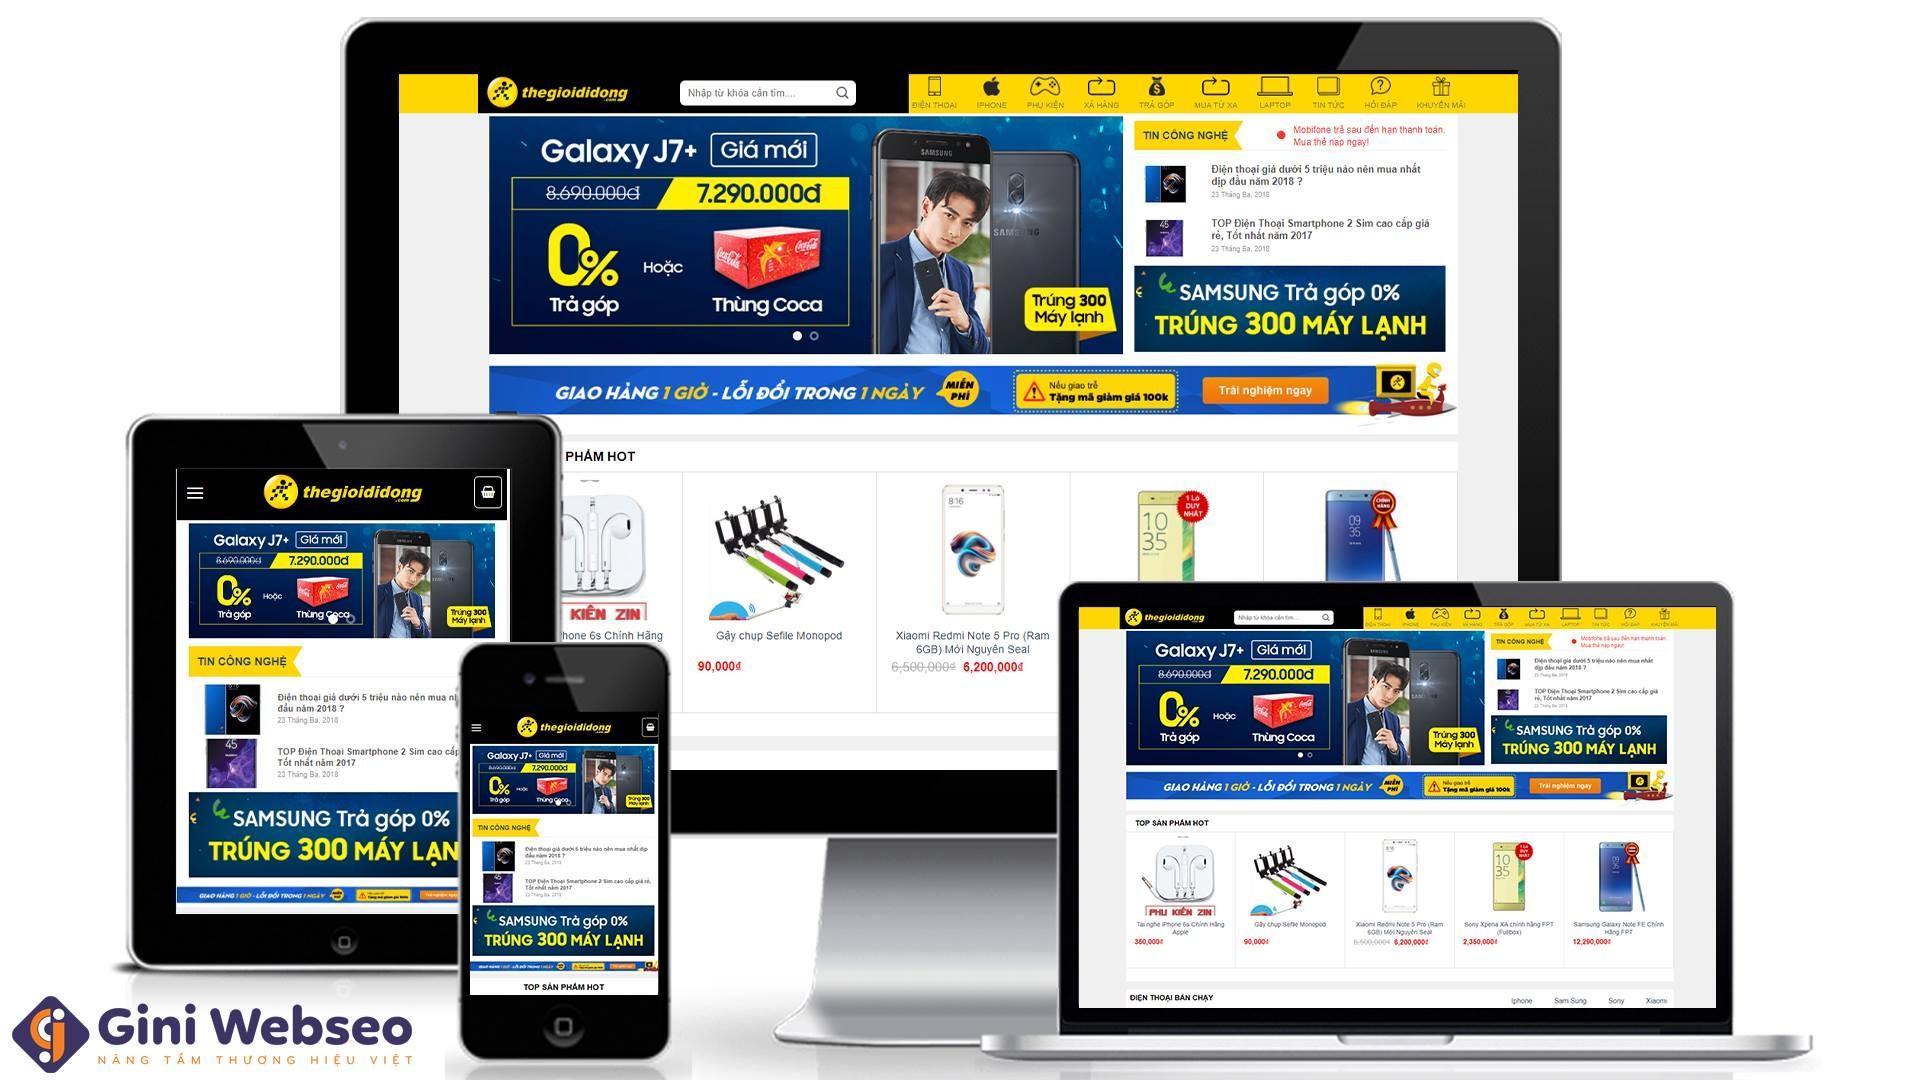 Thiết kế website điện thoại Thế giới di động